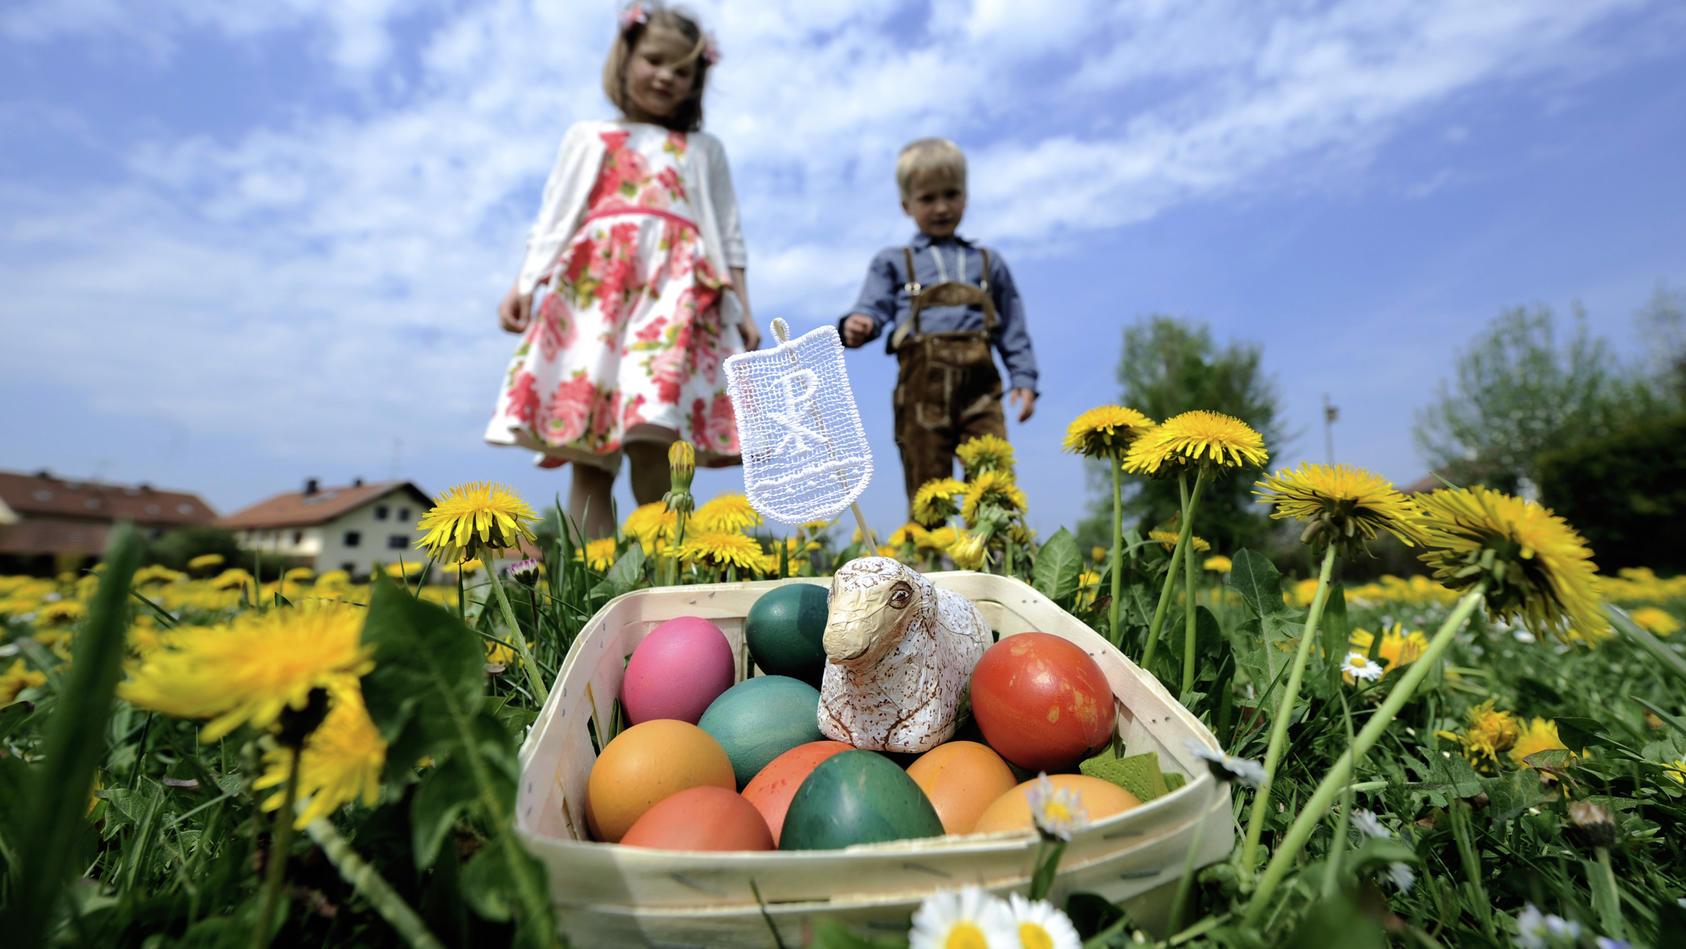 Ostern in Corona-Zeiten: Was ist erlaubt?